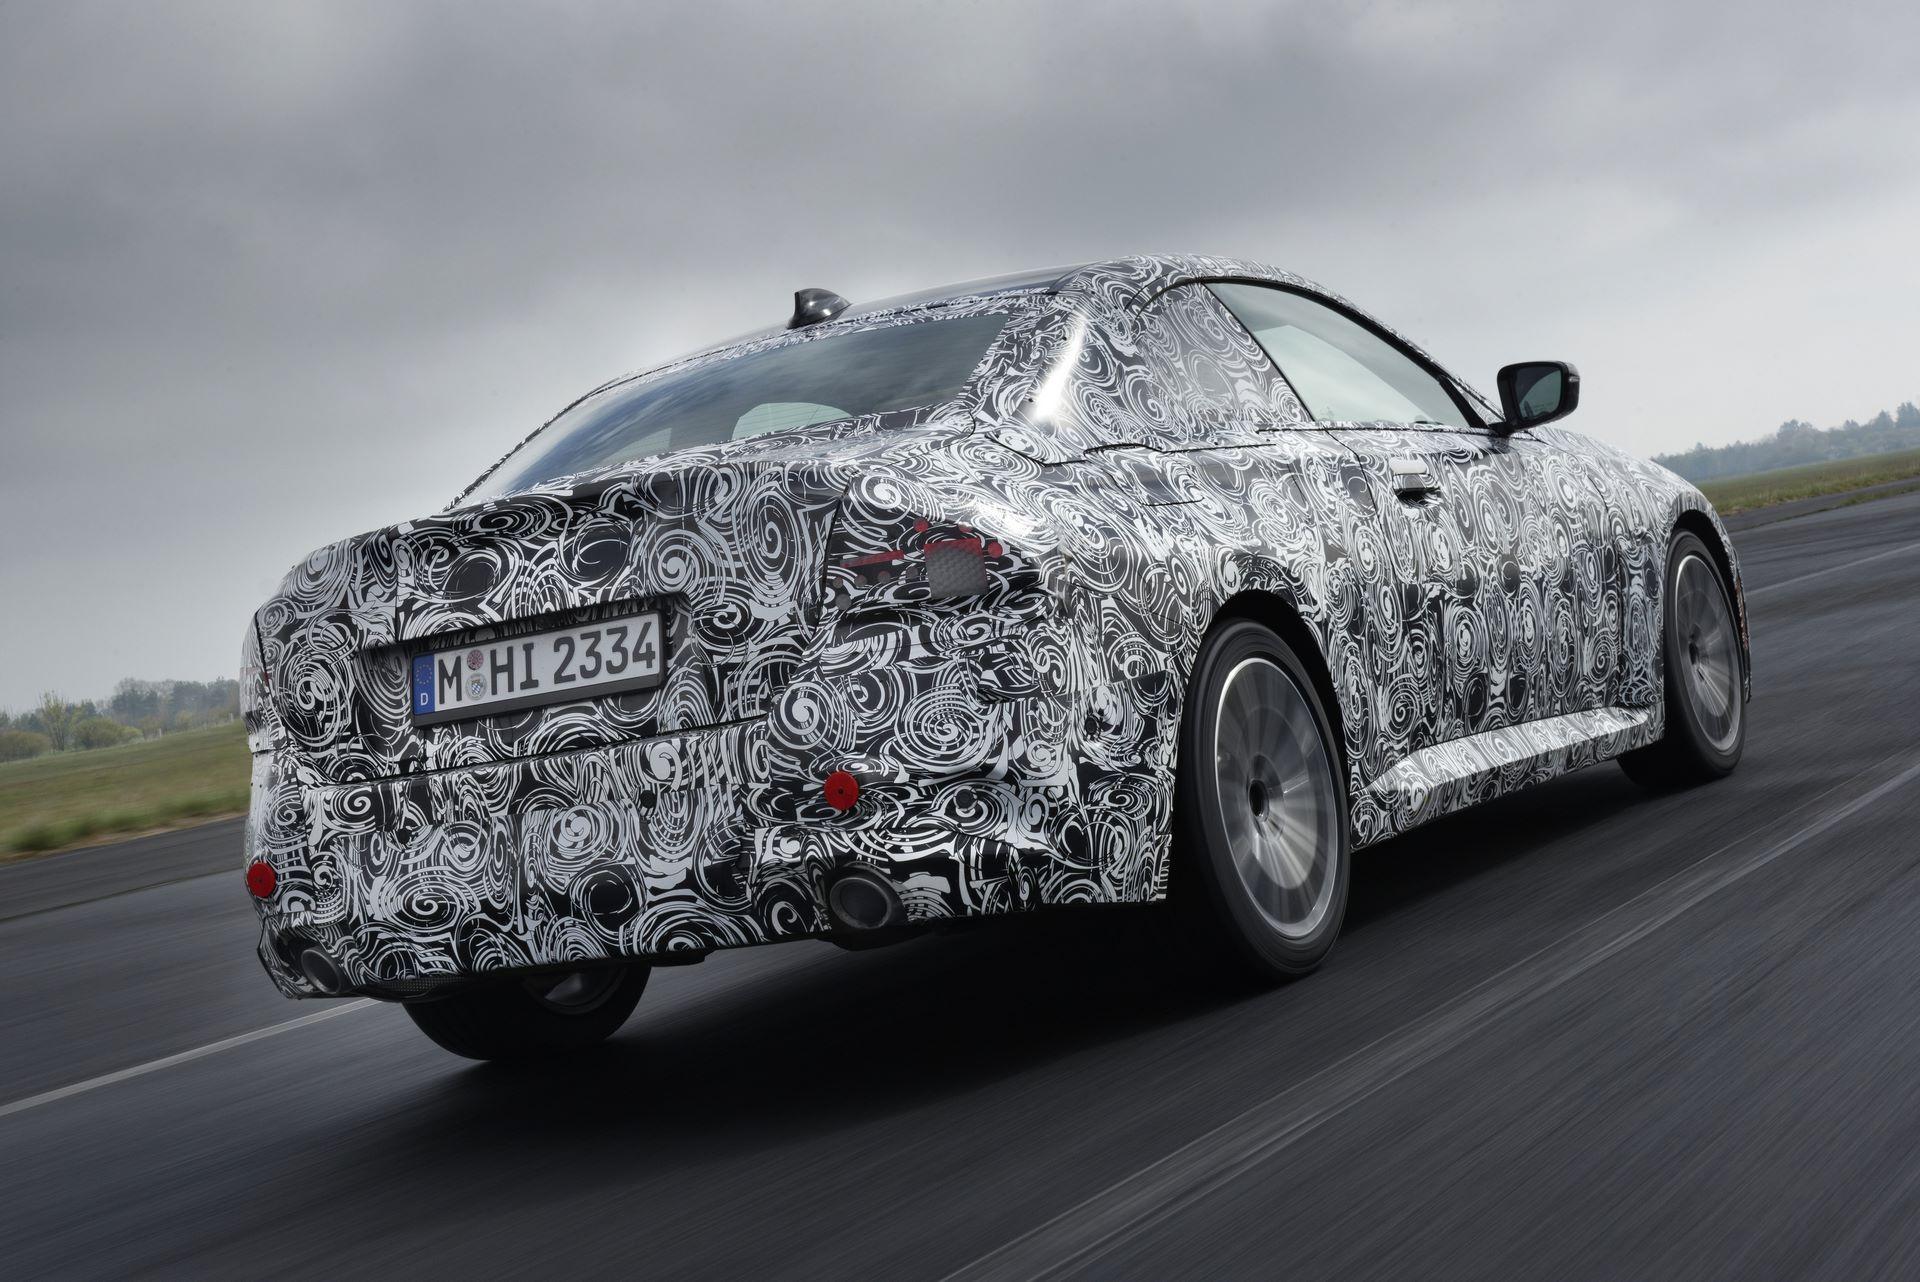 BMW-2-Series-M240i-spy-photos-5